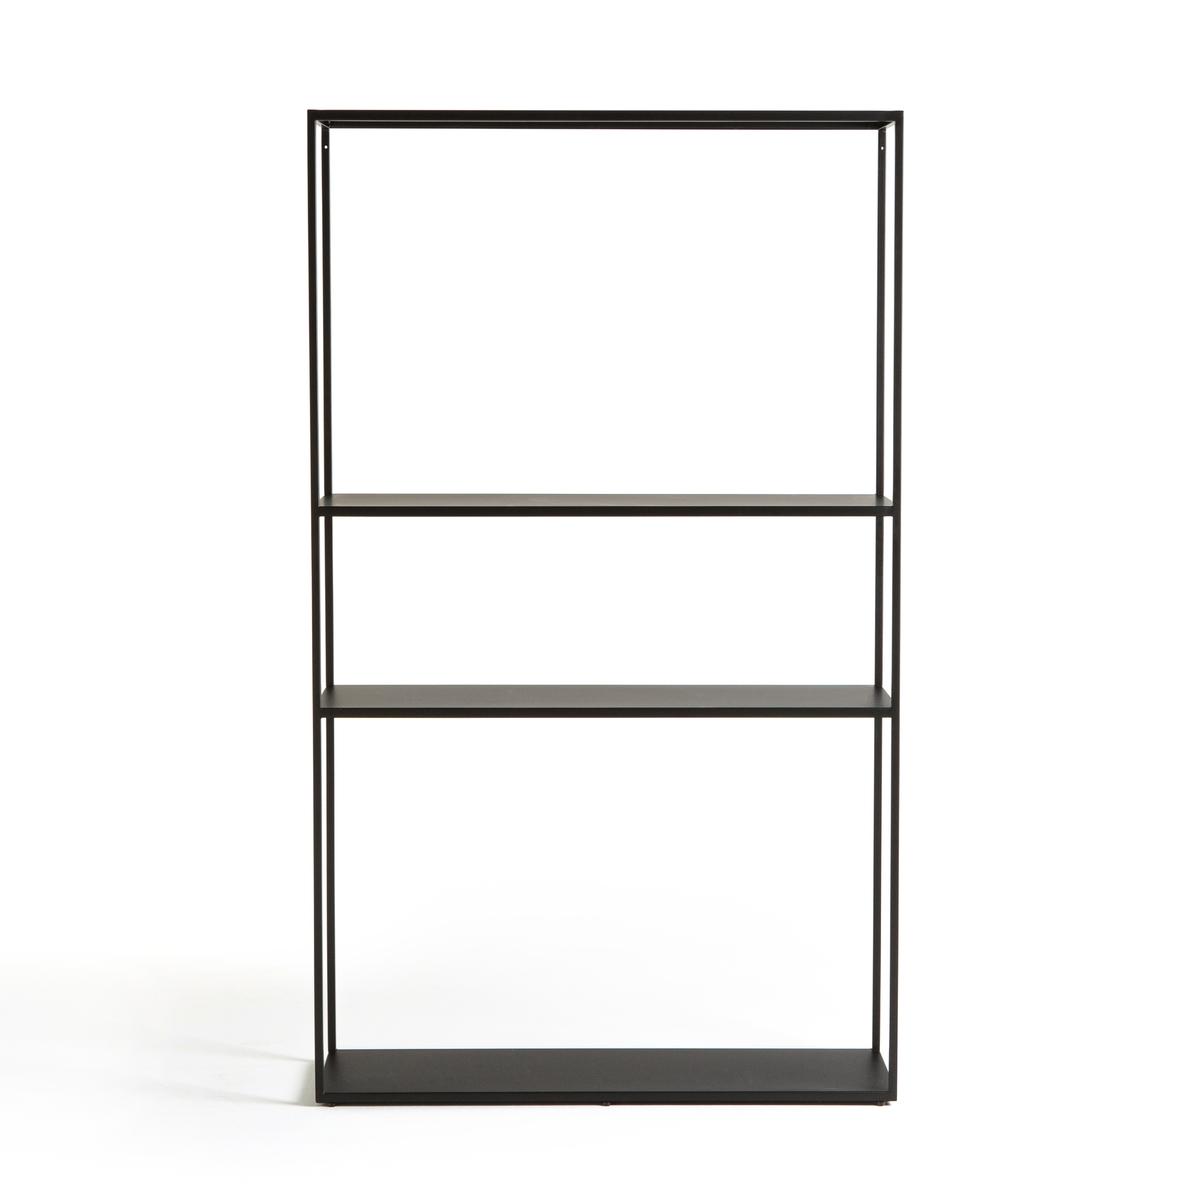 Этажерка La Redoute Вертикальная Kouzou дизайн ЭГаллины единый размер черный этажерка la redoute с полками remia единый размер белый